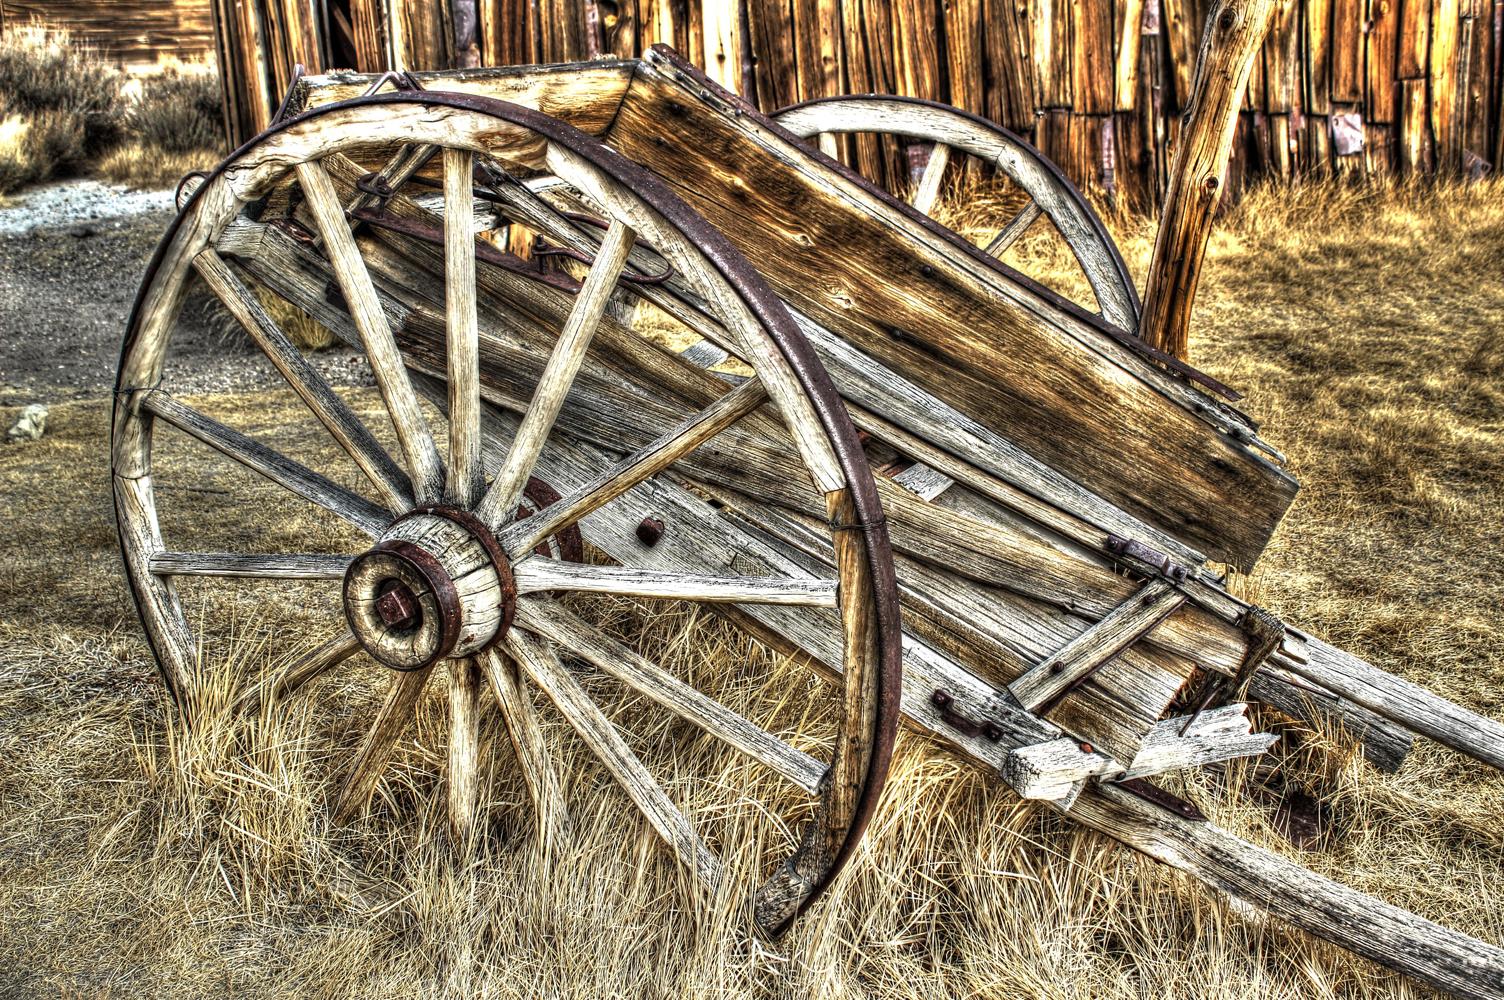 Bodie wagon Wheel, Bodie, Ca